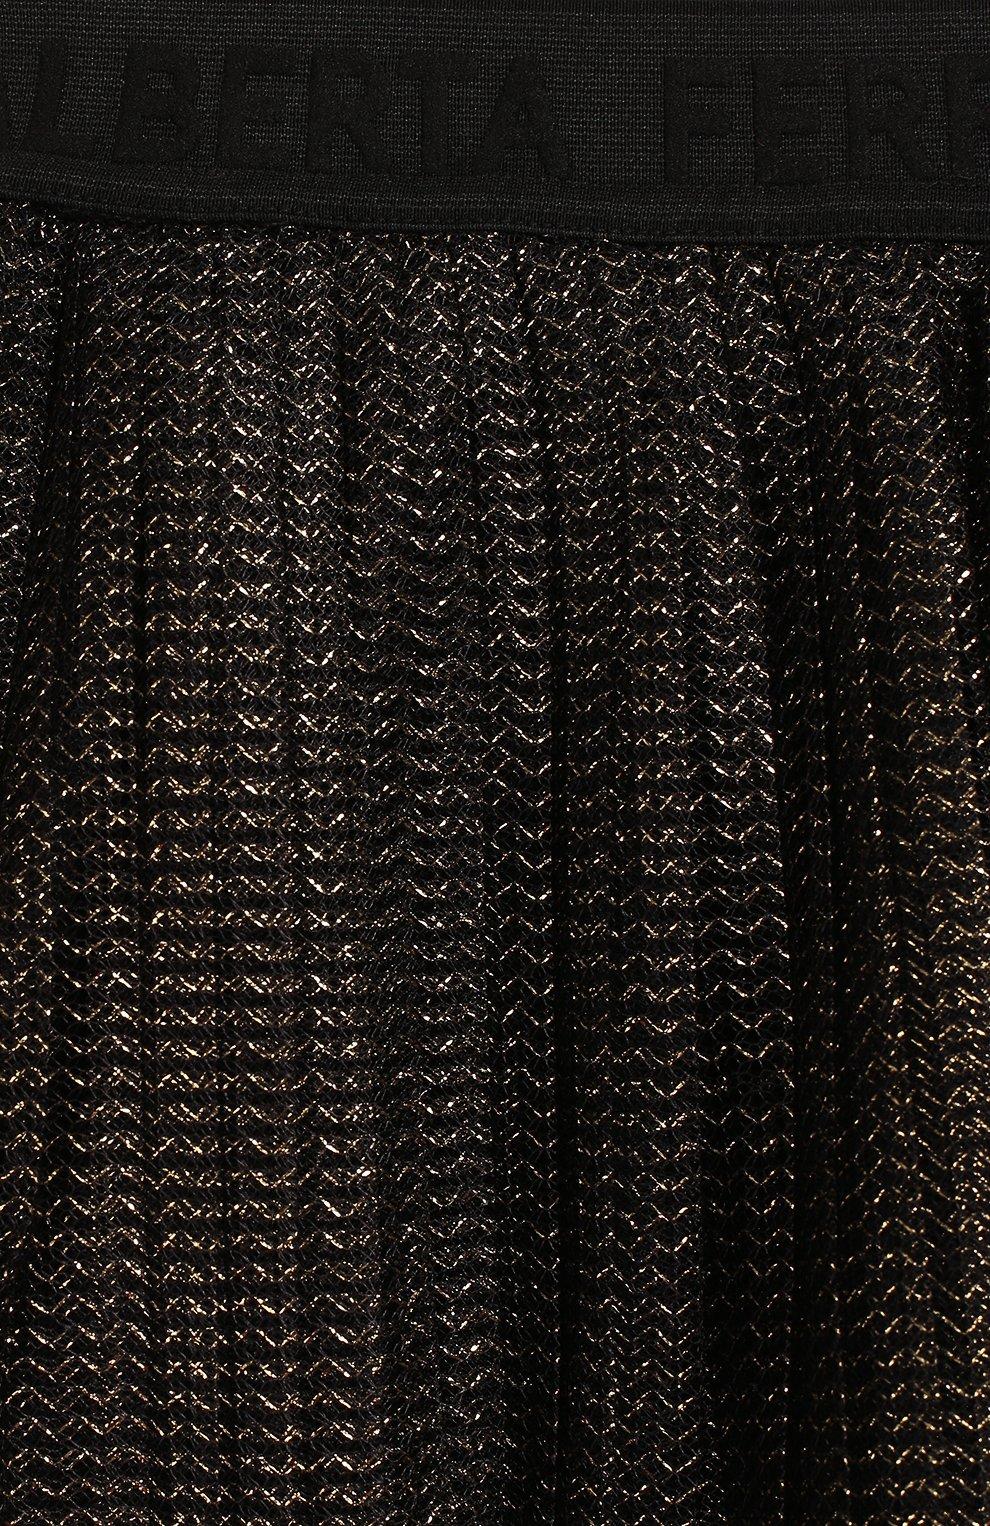 Детская юбка ALBERTA FERRETTI JUNIOR черного цвета, арт. 021347 | Фото 3 (Случай: Повседневный; Материал внешний: Синтетический материал, Металлизированное волокно; Материал подклада: Хлопок; Ростовка одежда: 10 - 11 лет | 140 - 146см, 12 лет | 152 см, 13 - 15 лет | 158 см, 6 лет | 116 см, 8 лет | 128 см)